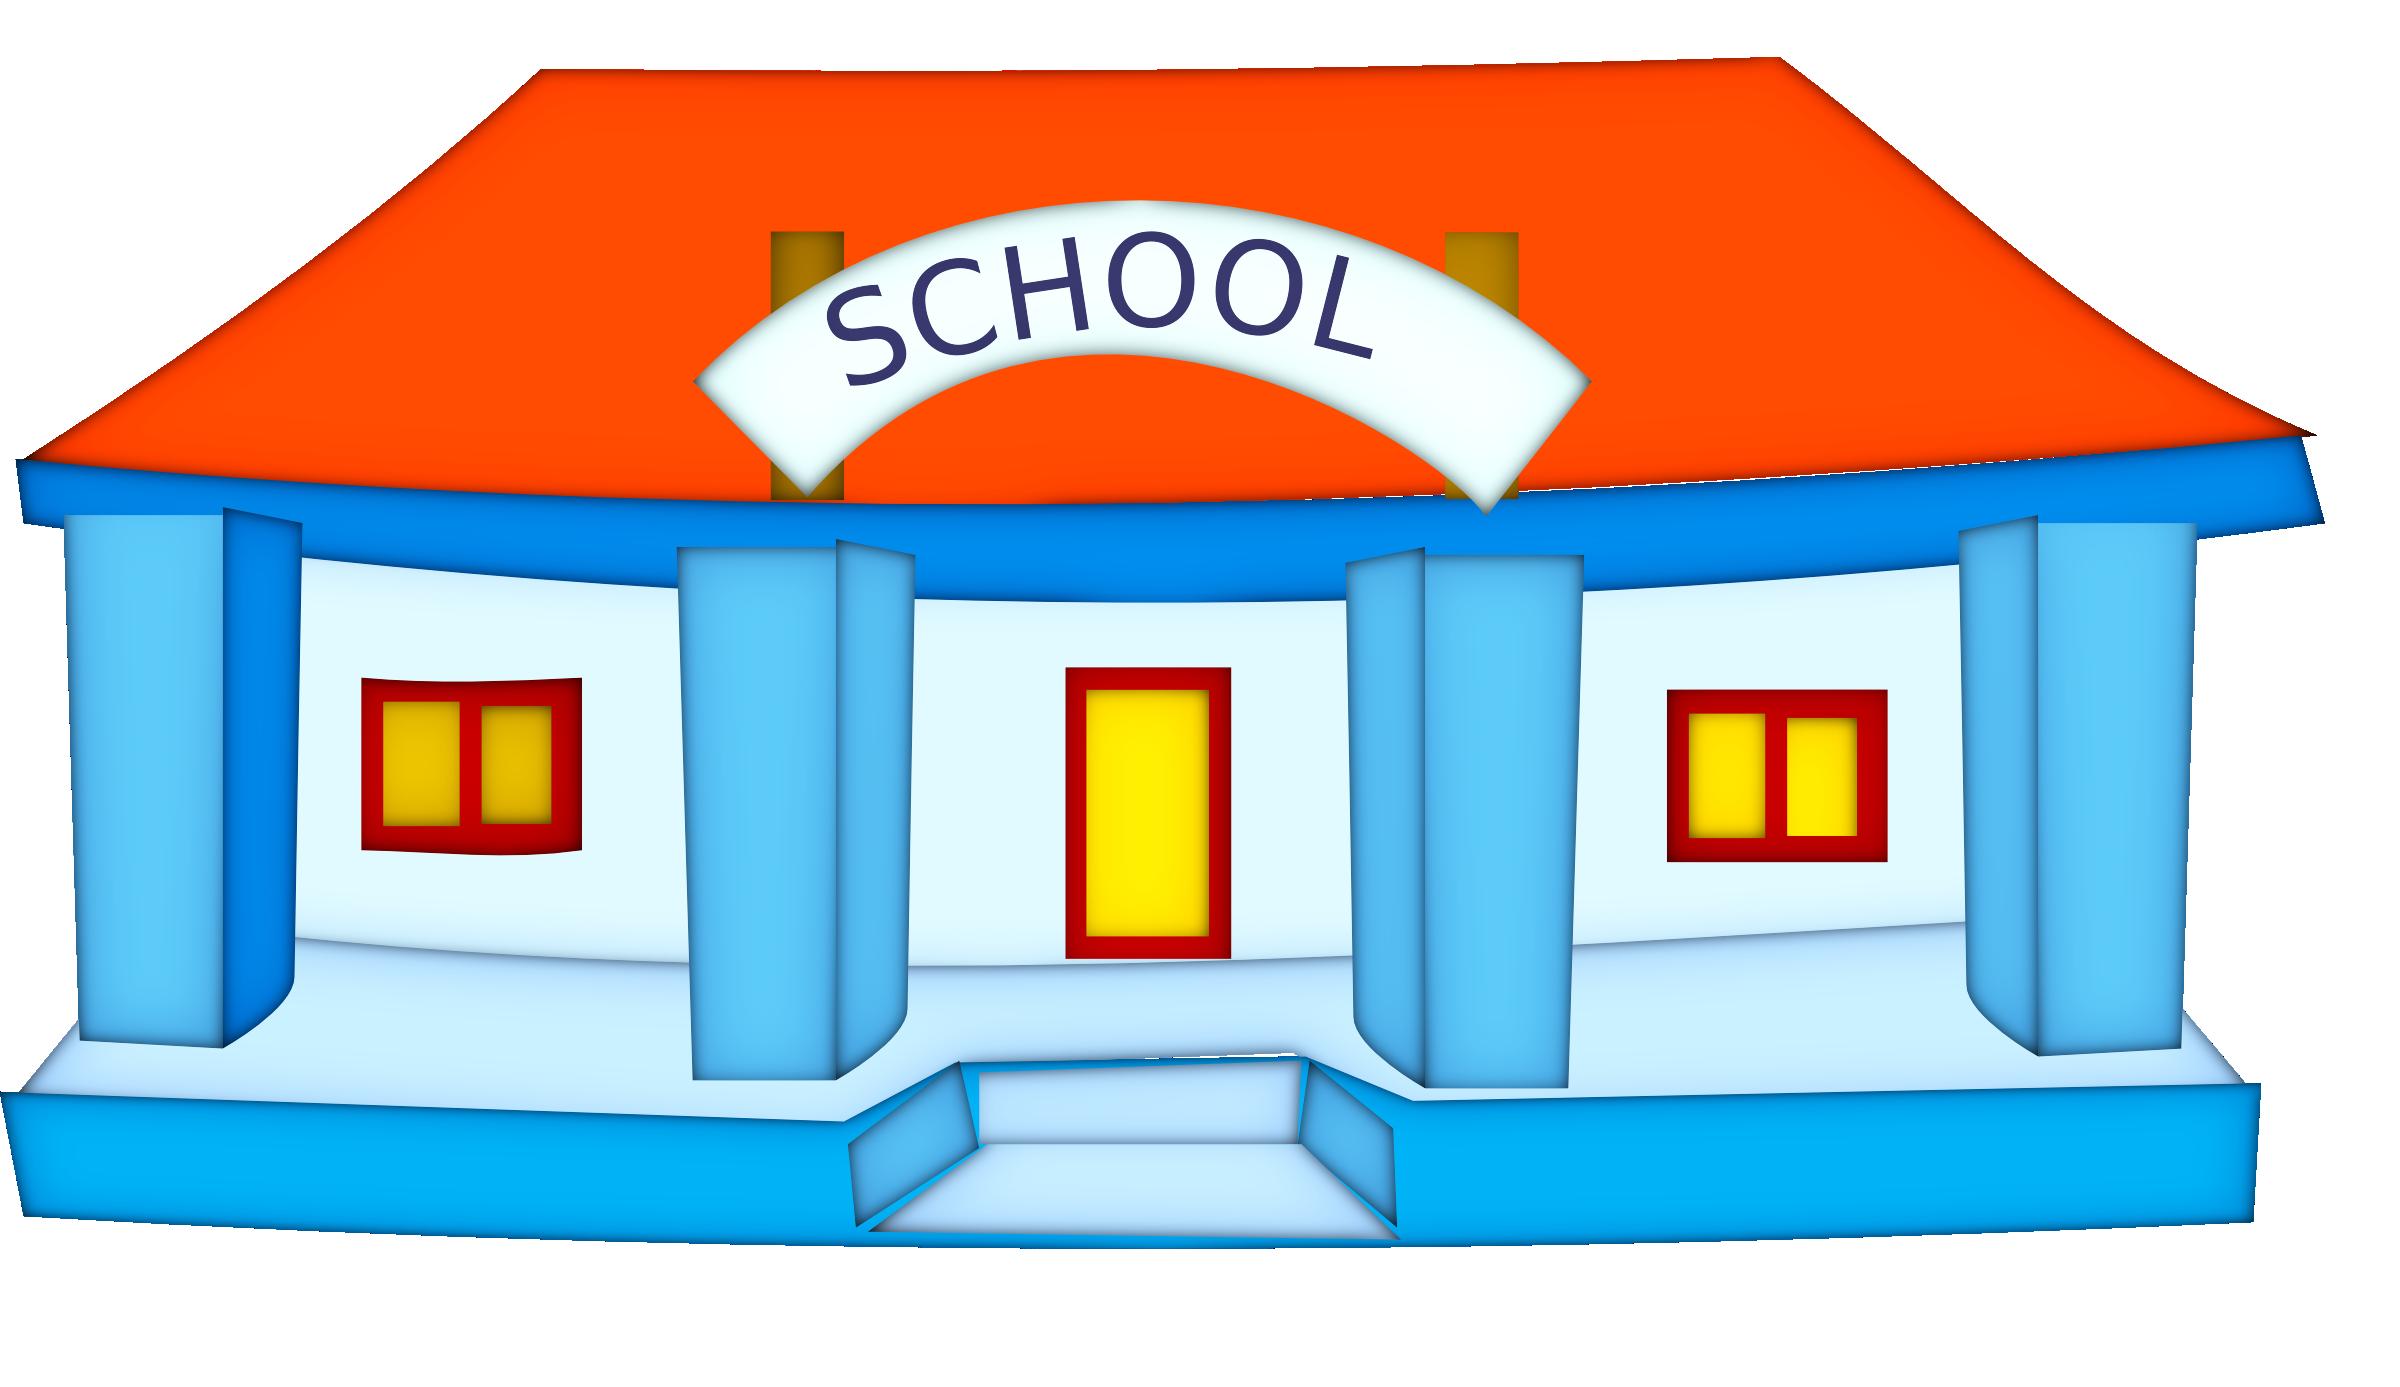 2400x1387 Top 91 School For Clip Art